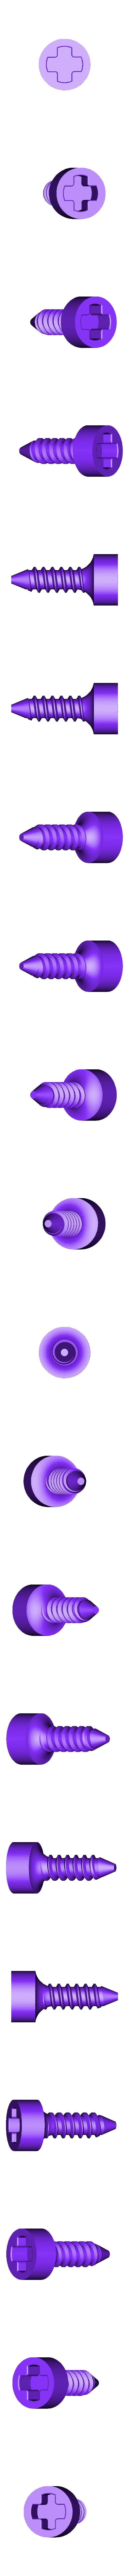 S4.stl Télécharger fichier STL Perceuse à main Impression 3D • Design pour impression 3D, MPPSWKA7